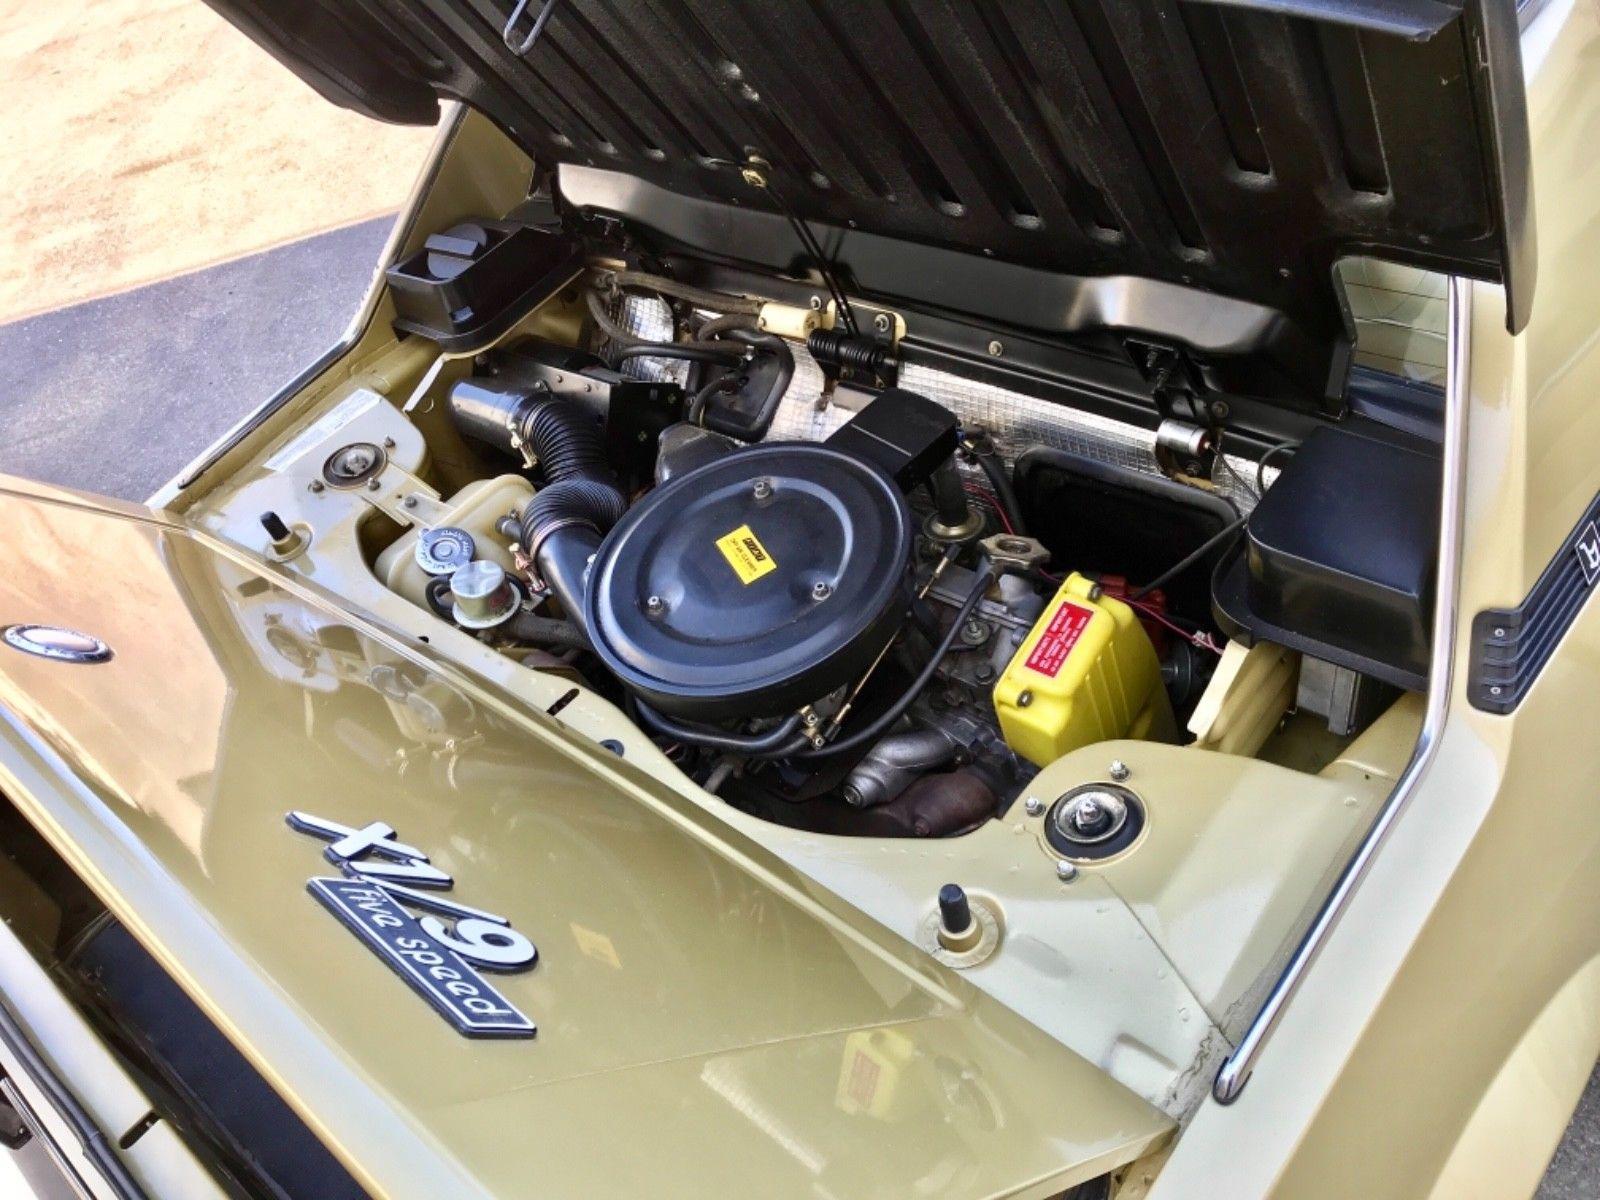 1979 Fiat X1/9 engine